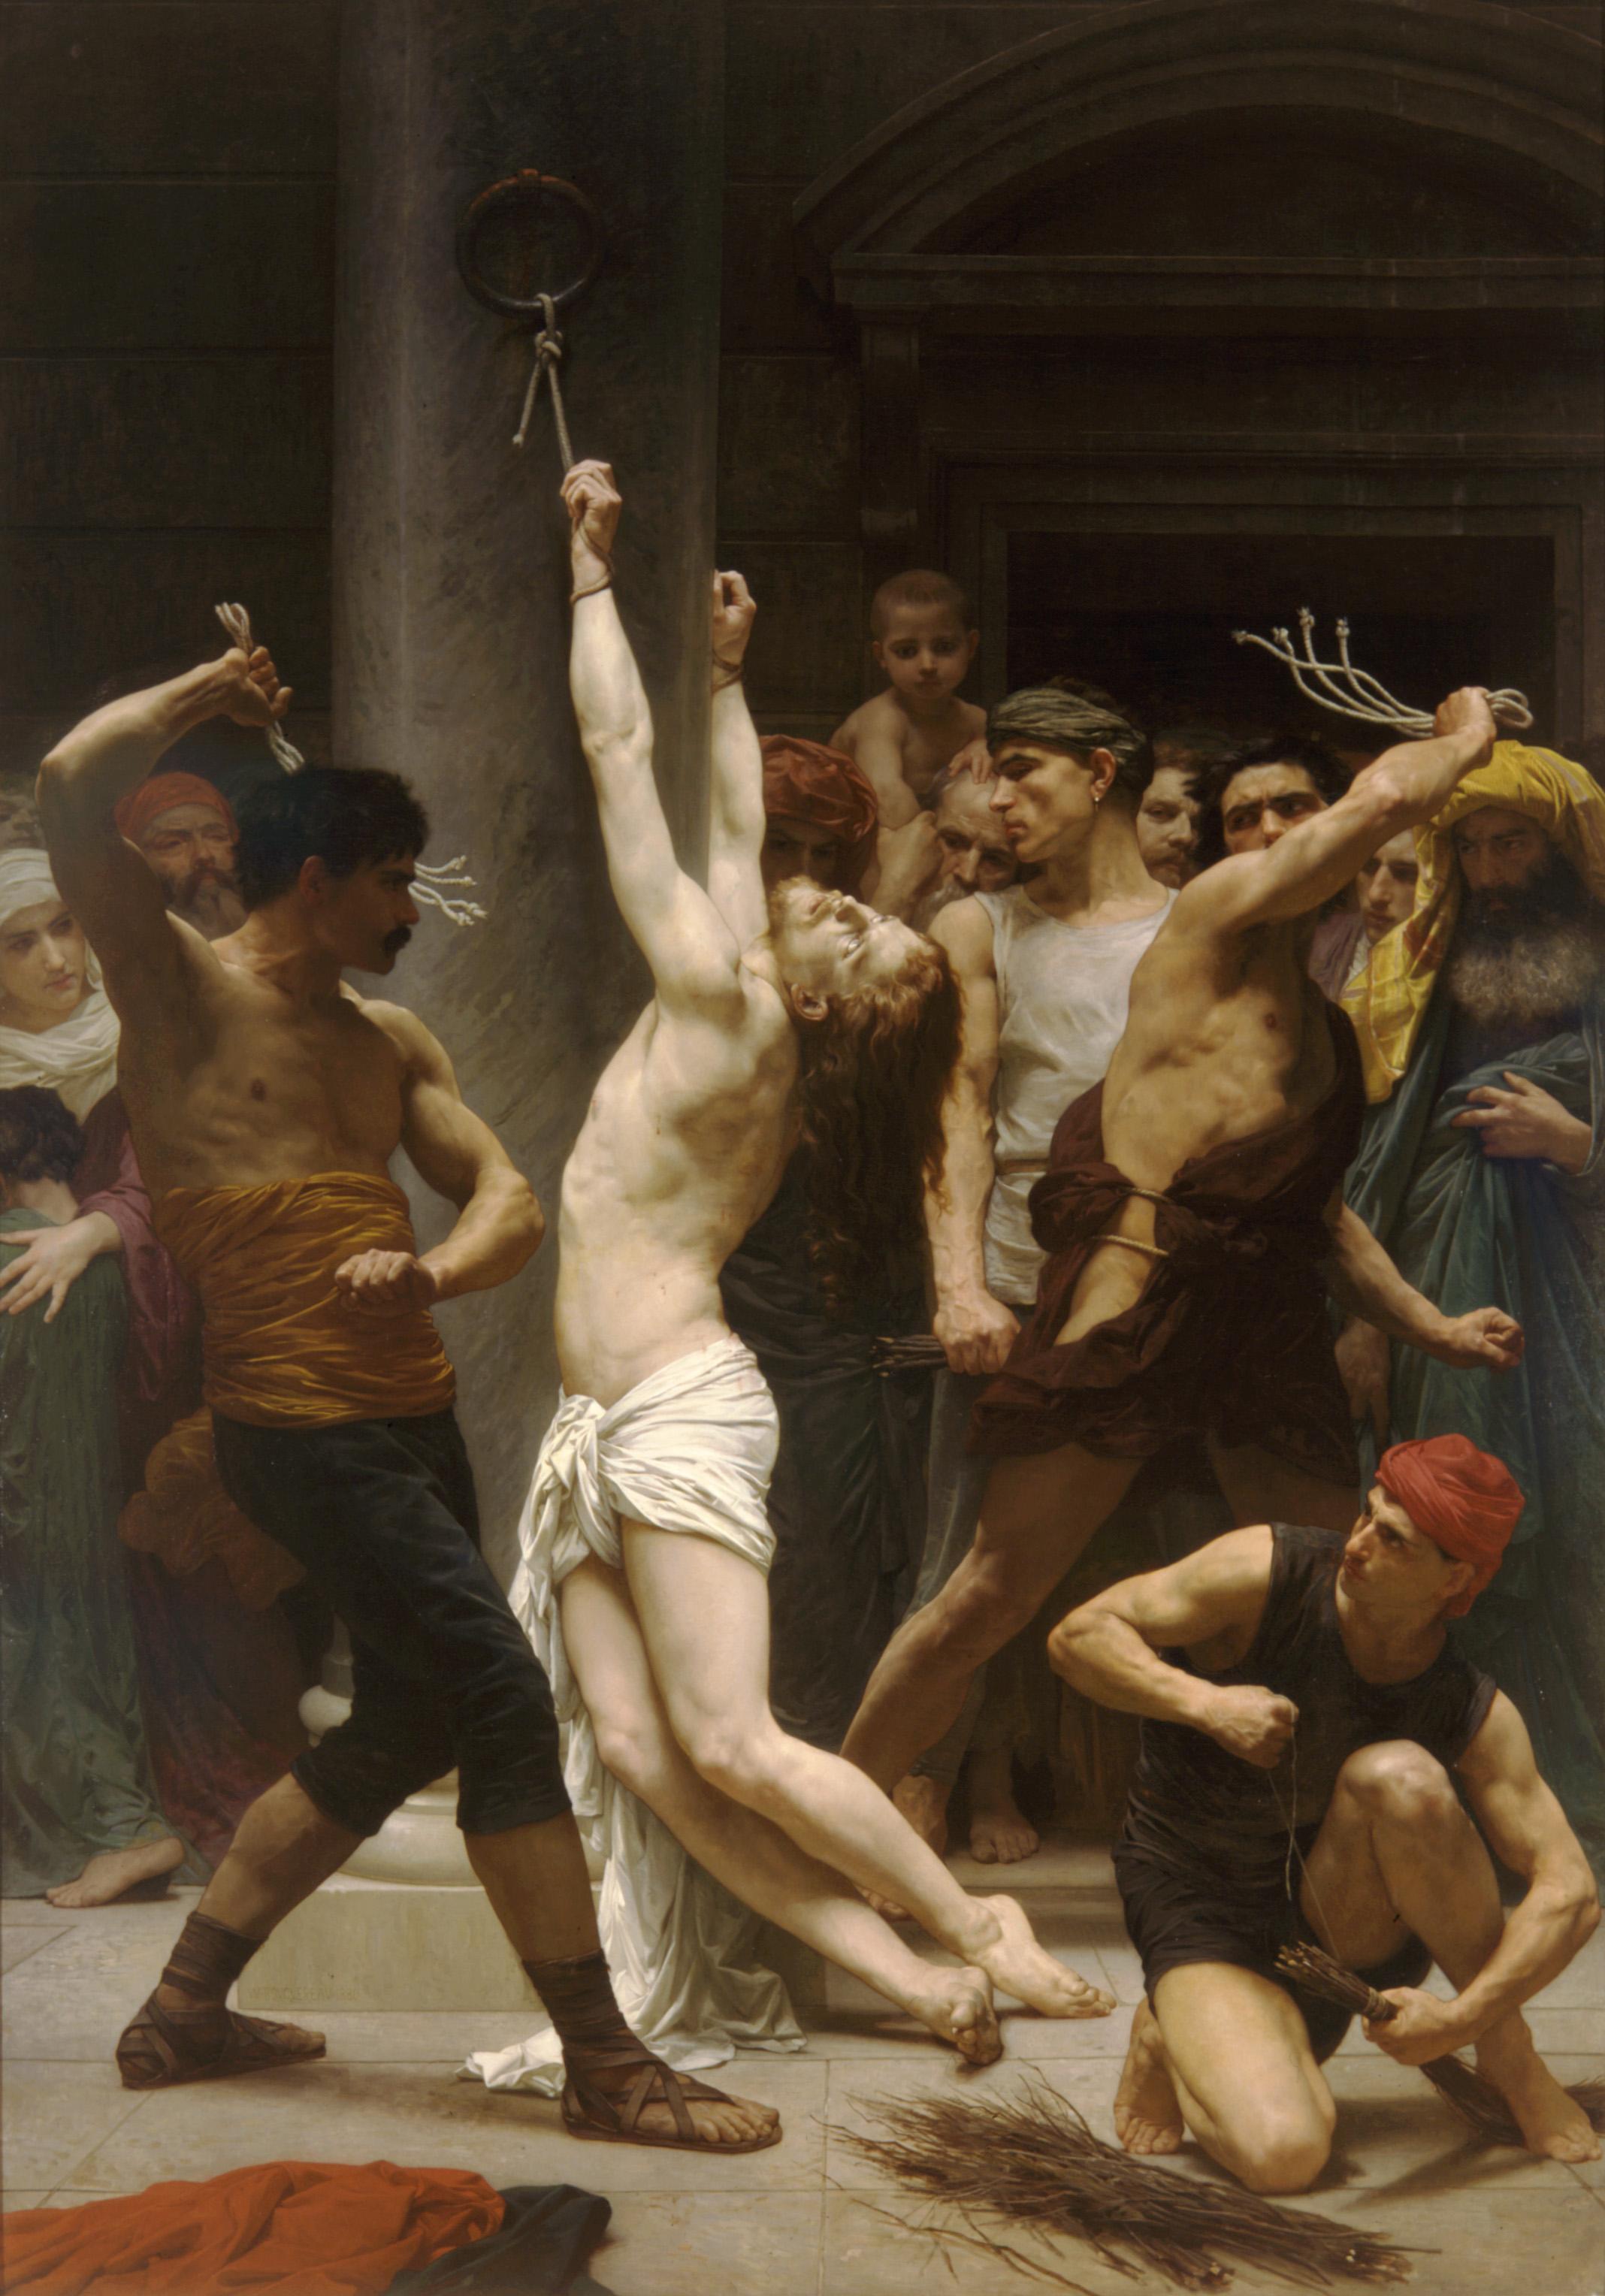 William Bouguereau (1825-1905), La Flagellation du Christ, 1880, huile sur toile, 390 x 210 cm, La Rochelle, cathédrale